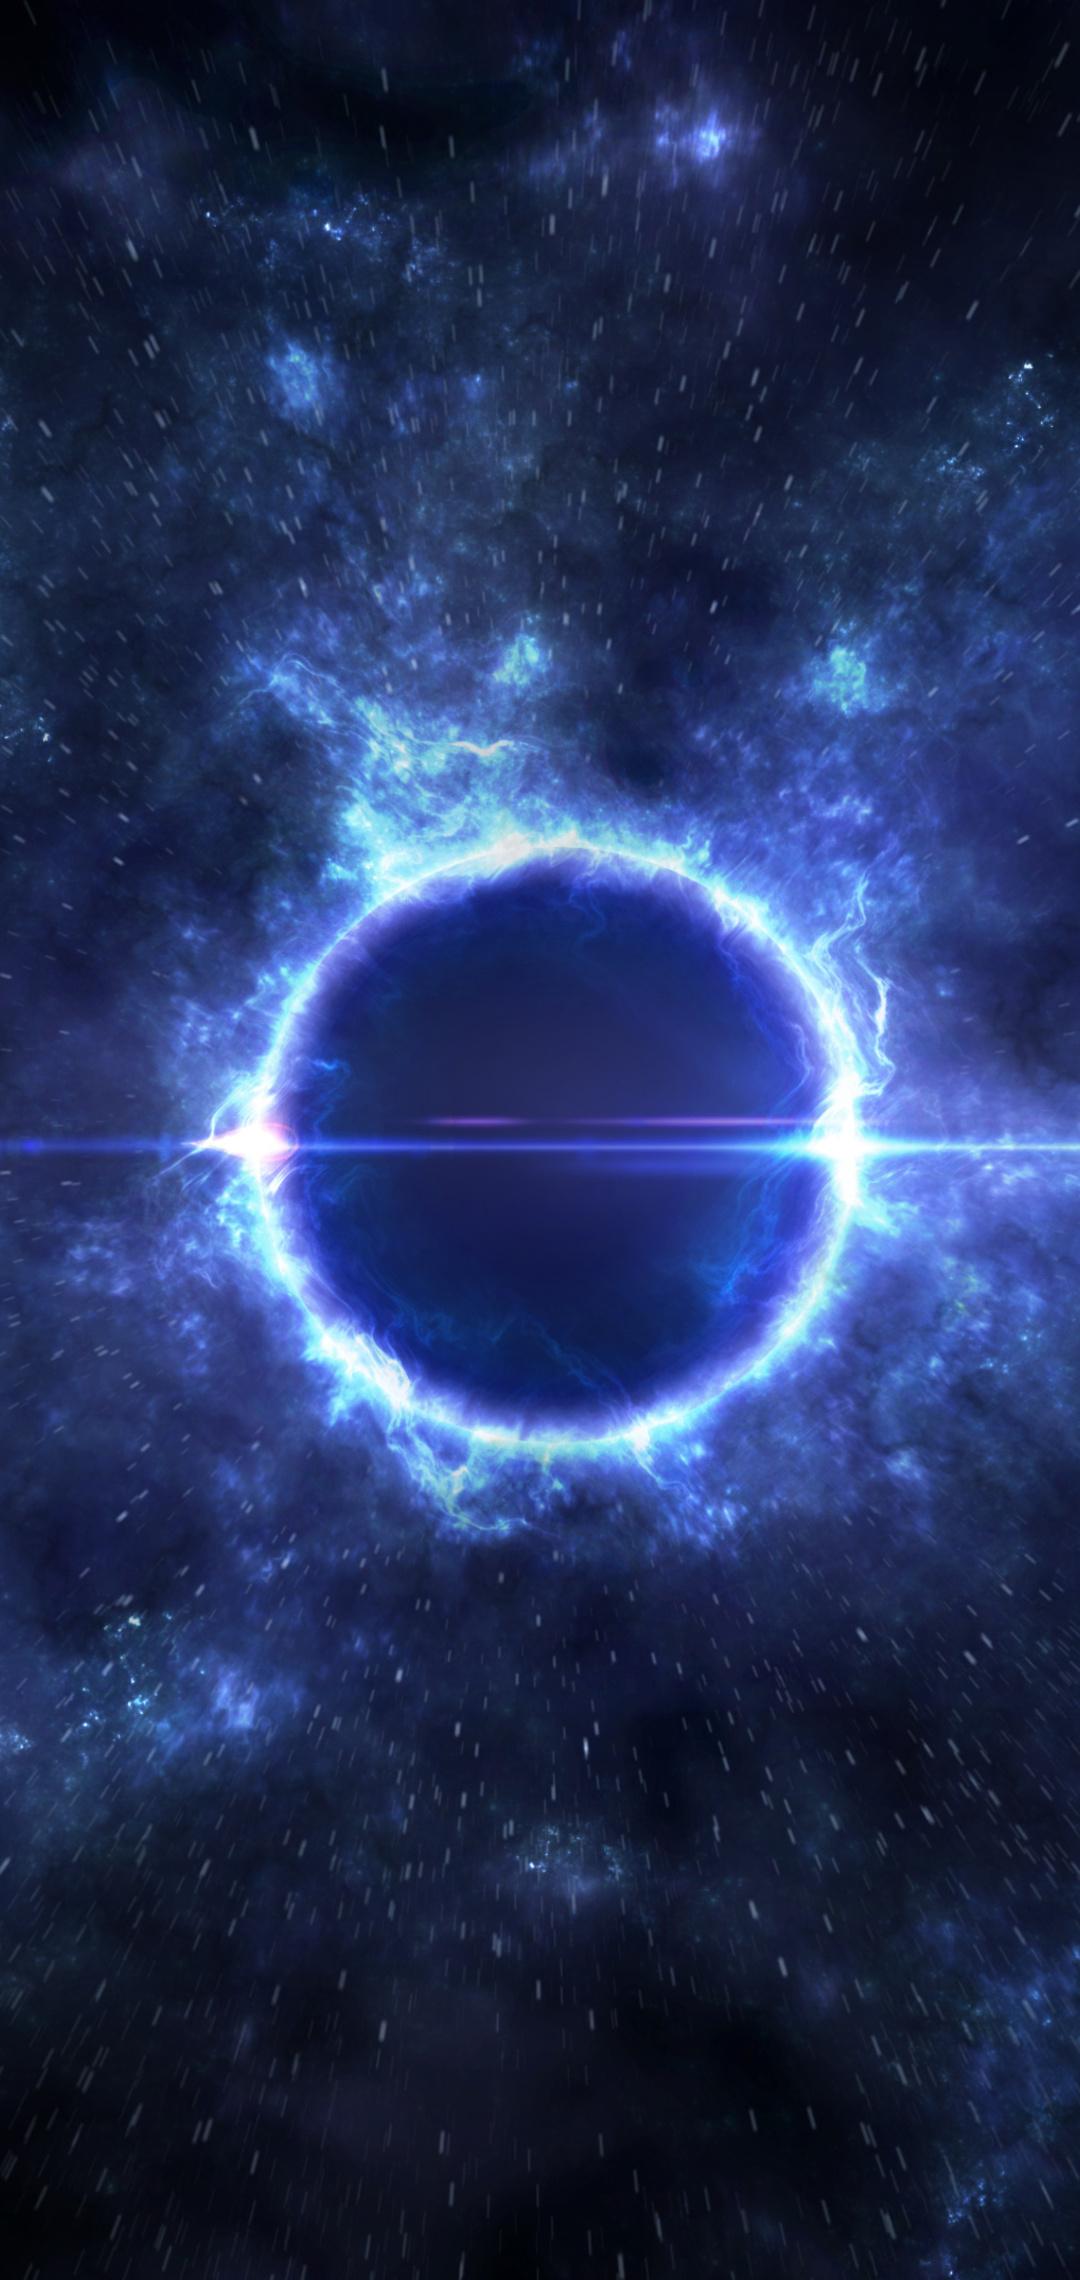 black-hole-gateway-4k-4p.jpg